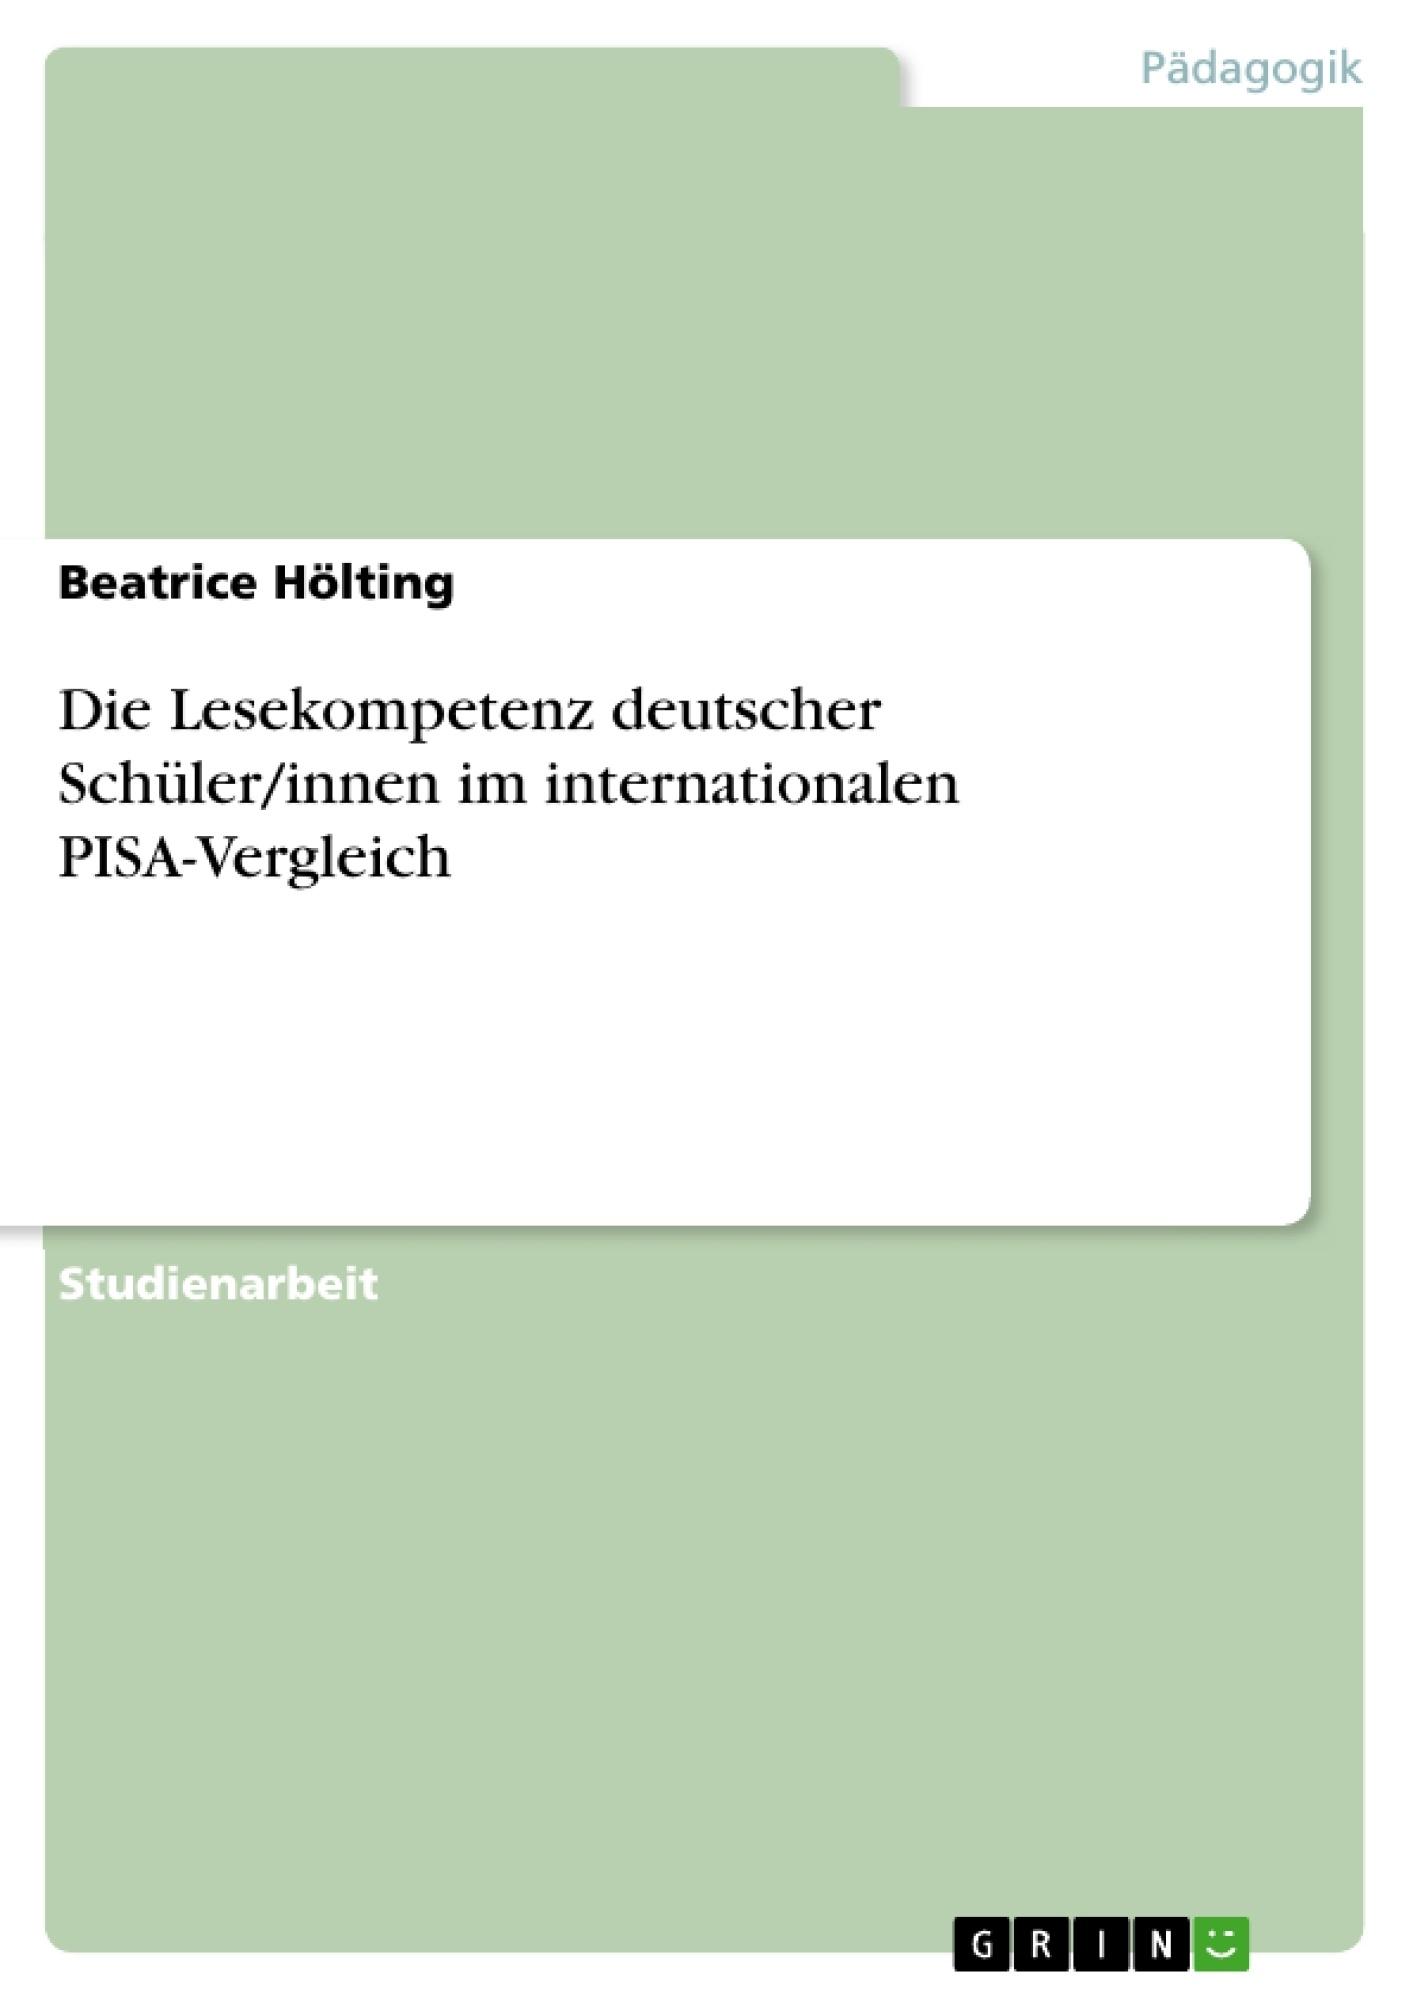 Titel: Die Lesekompetenz deutscher Schüler/innen im internationalen PISA-Vergleich